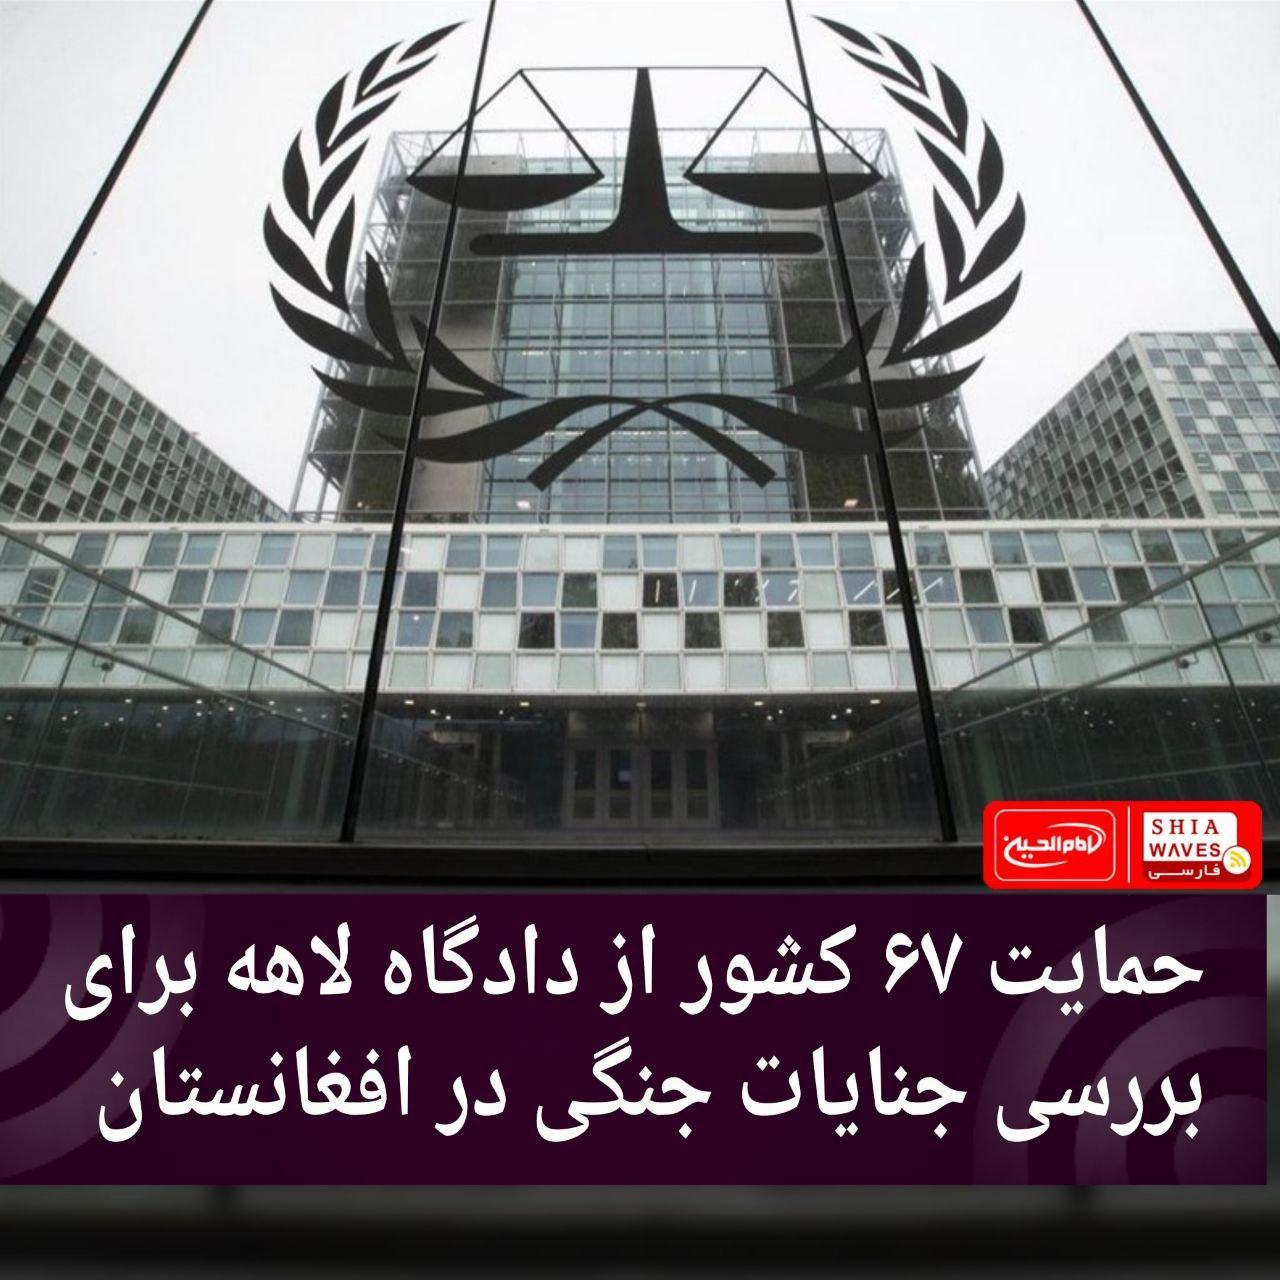 تصویر حمایت ۶۷ کشور از دادگاه لاهه برای بررسی جنایات جنگی در افغانستان